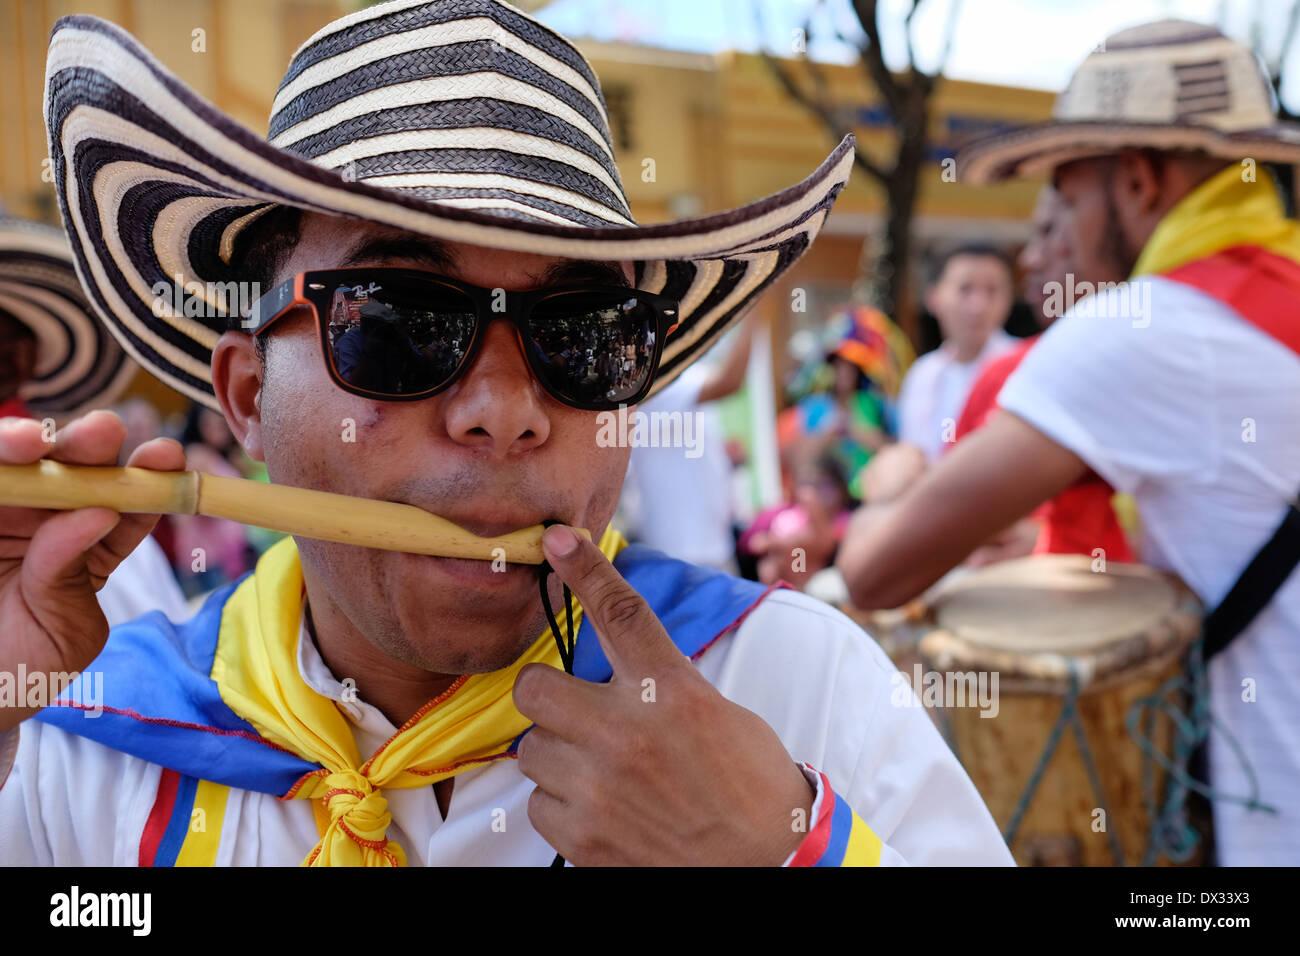 MIAMI - 9 mars 2014: Portrait de l'artiste colombienne lors de la 37e rue Calle Ocho festival, un événement annuel qui a lieu sur 8 Rue de la petite havane avec beaucoup de musique, de la nourriture, et c'est la plus grande partie de la ville qui célèbre l'héritage hispanique. Photo Stock